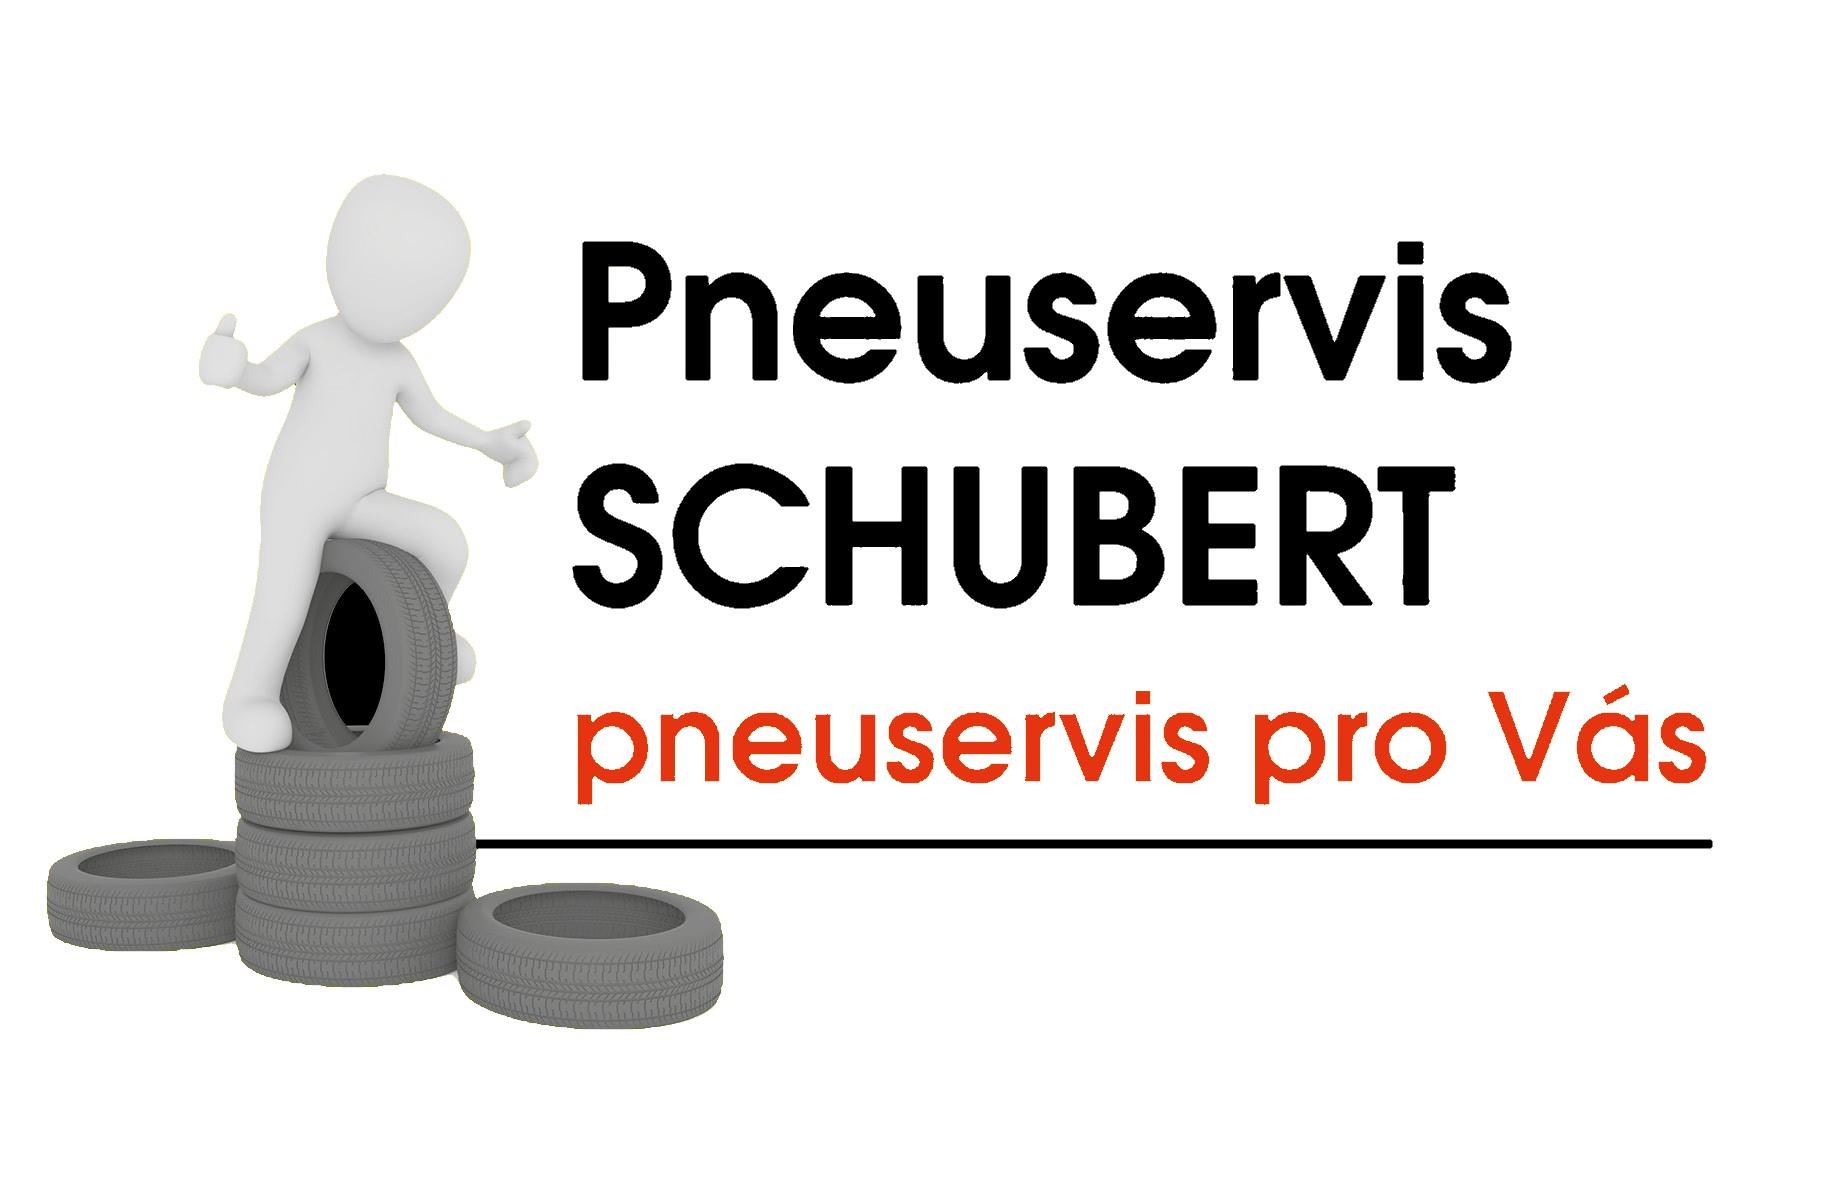 Pneuservis SCHUBERT